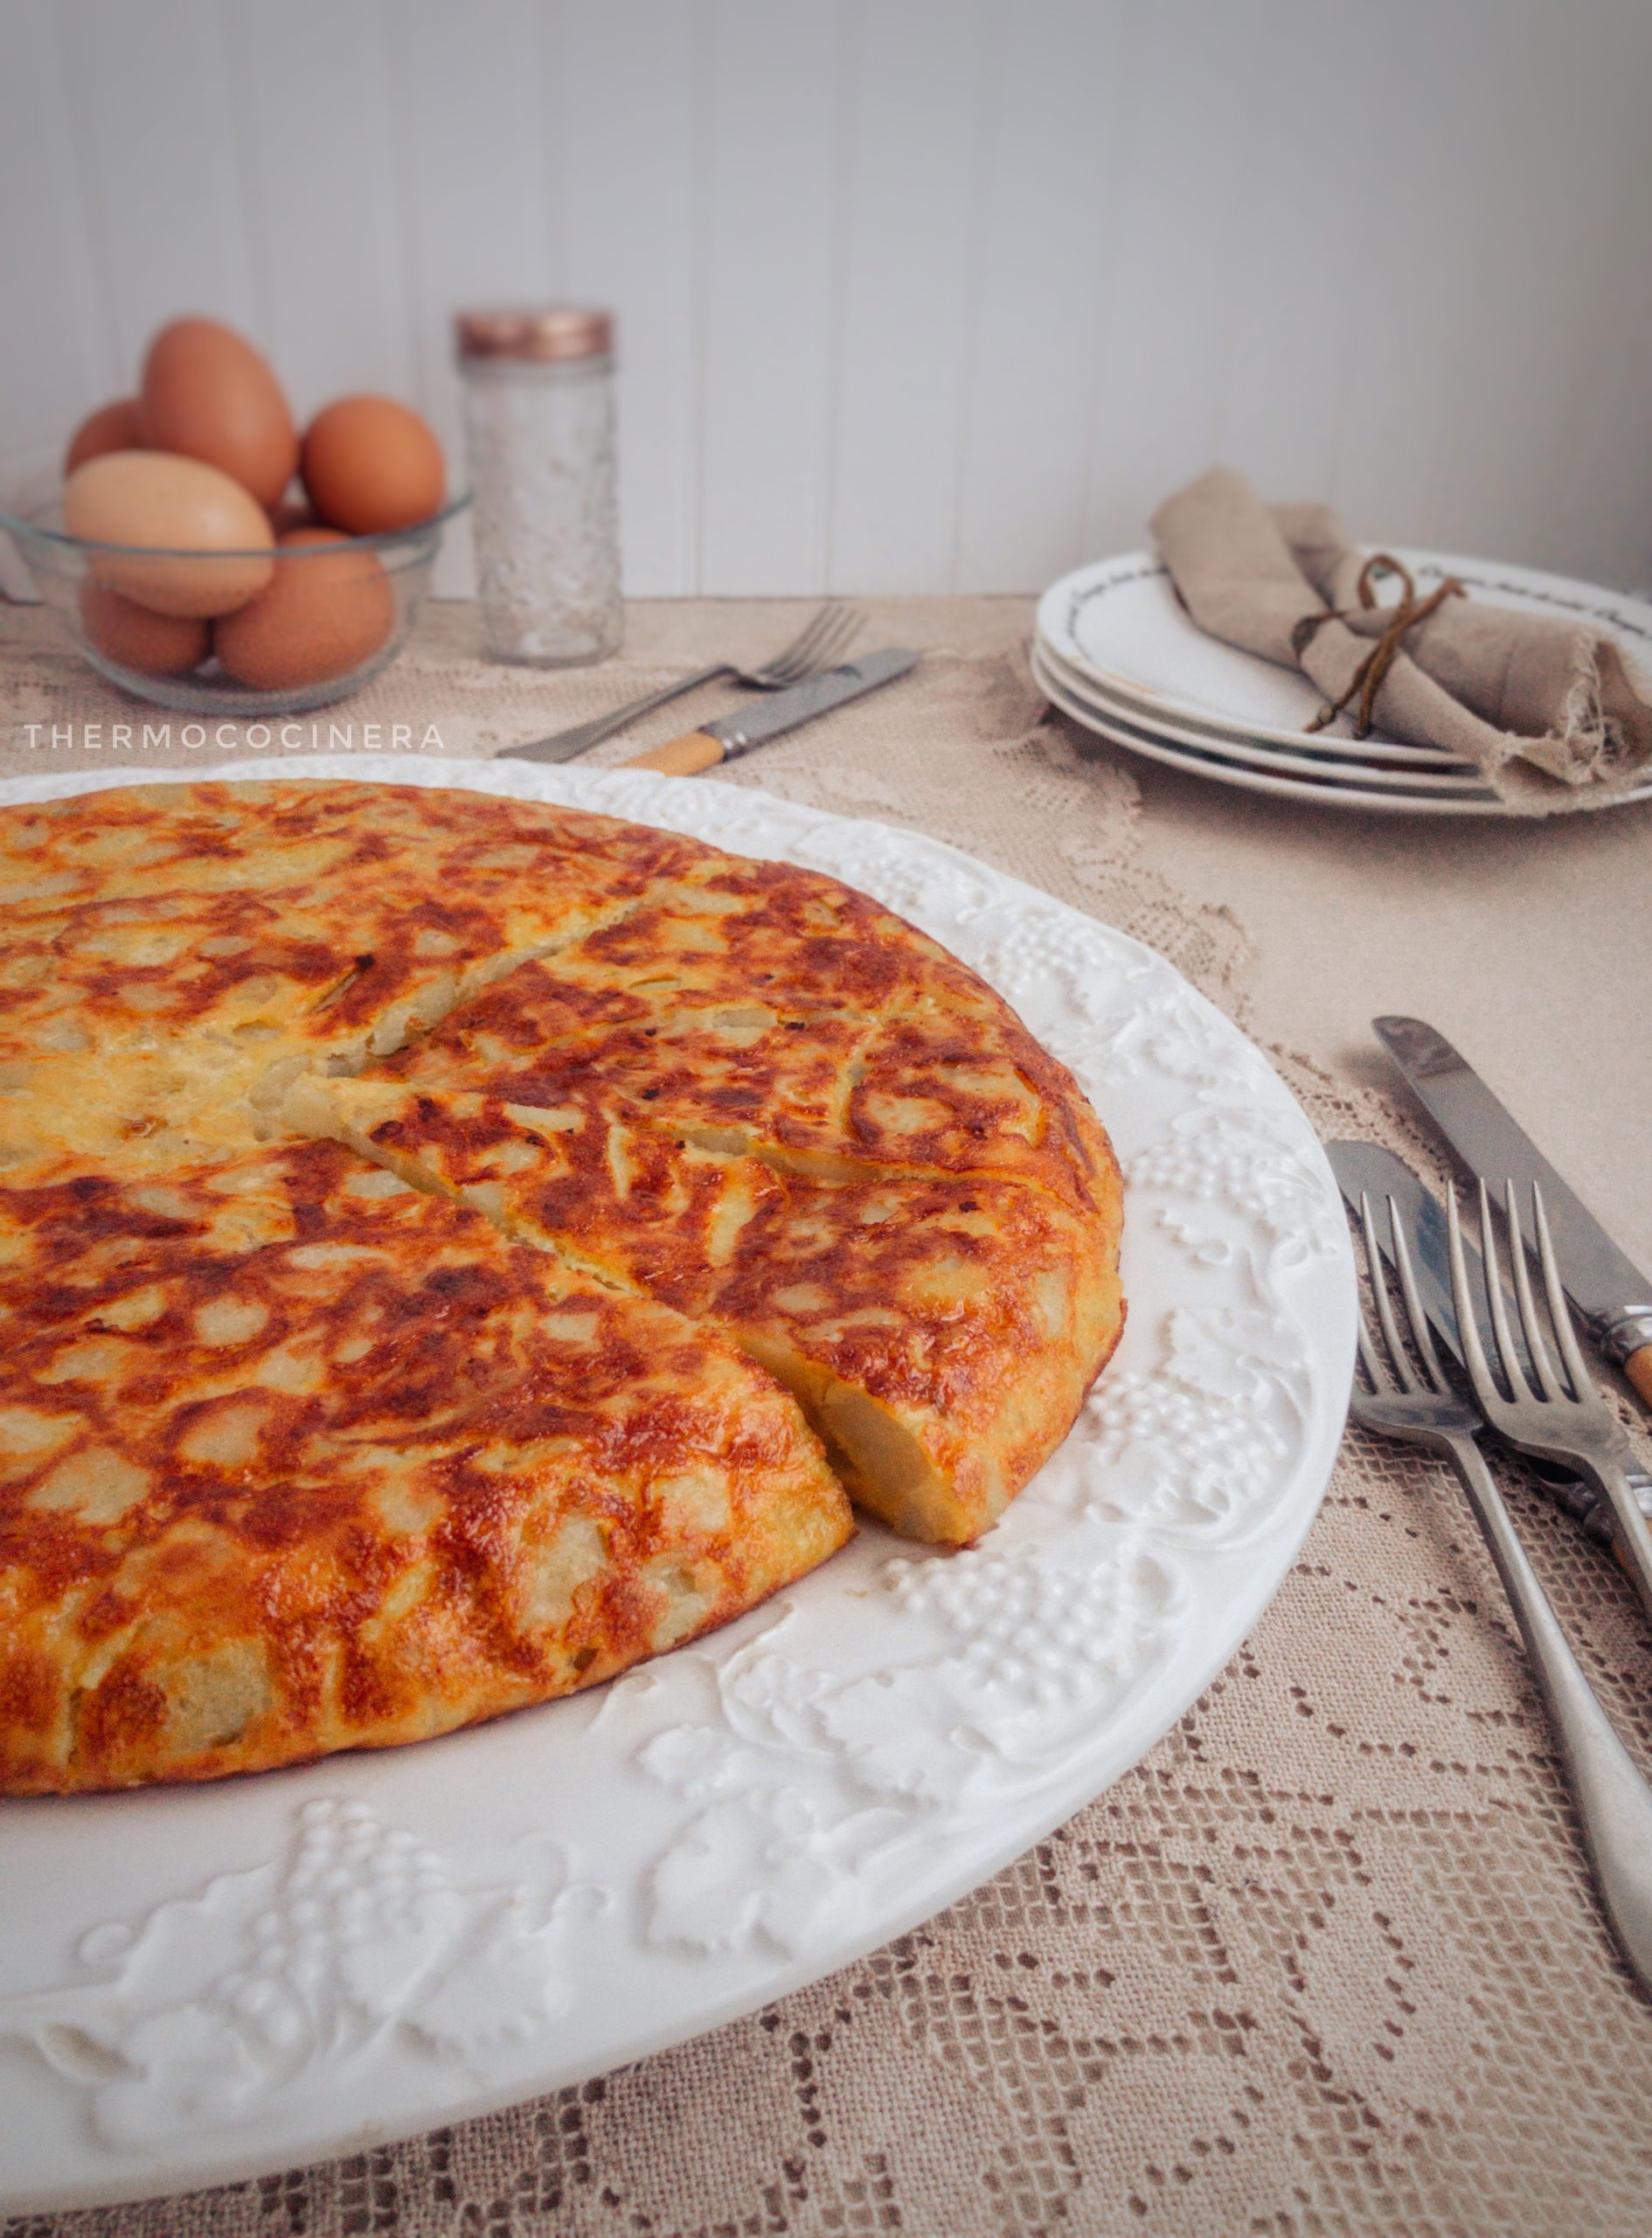 Tortilla de Papas Thermococinera